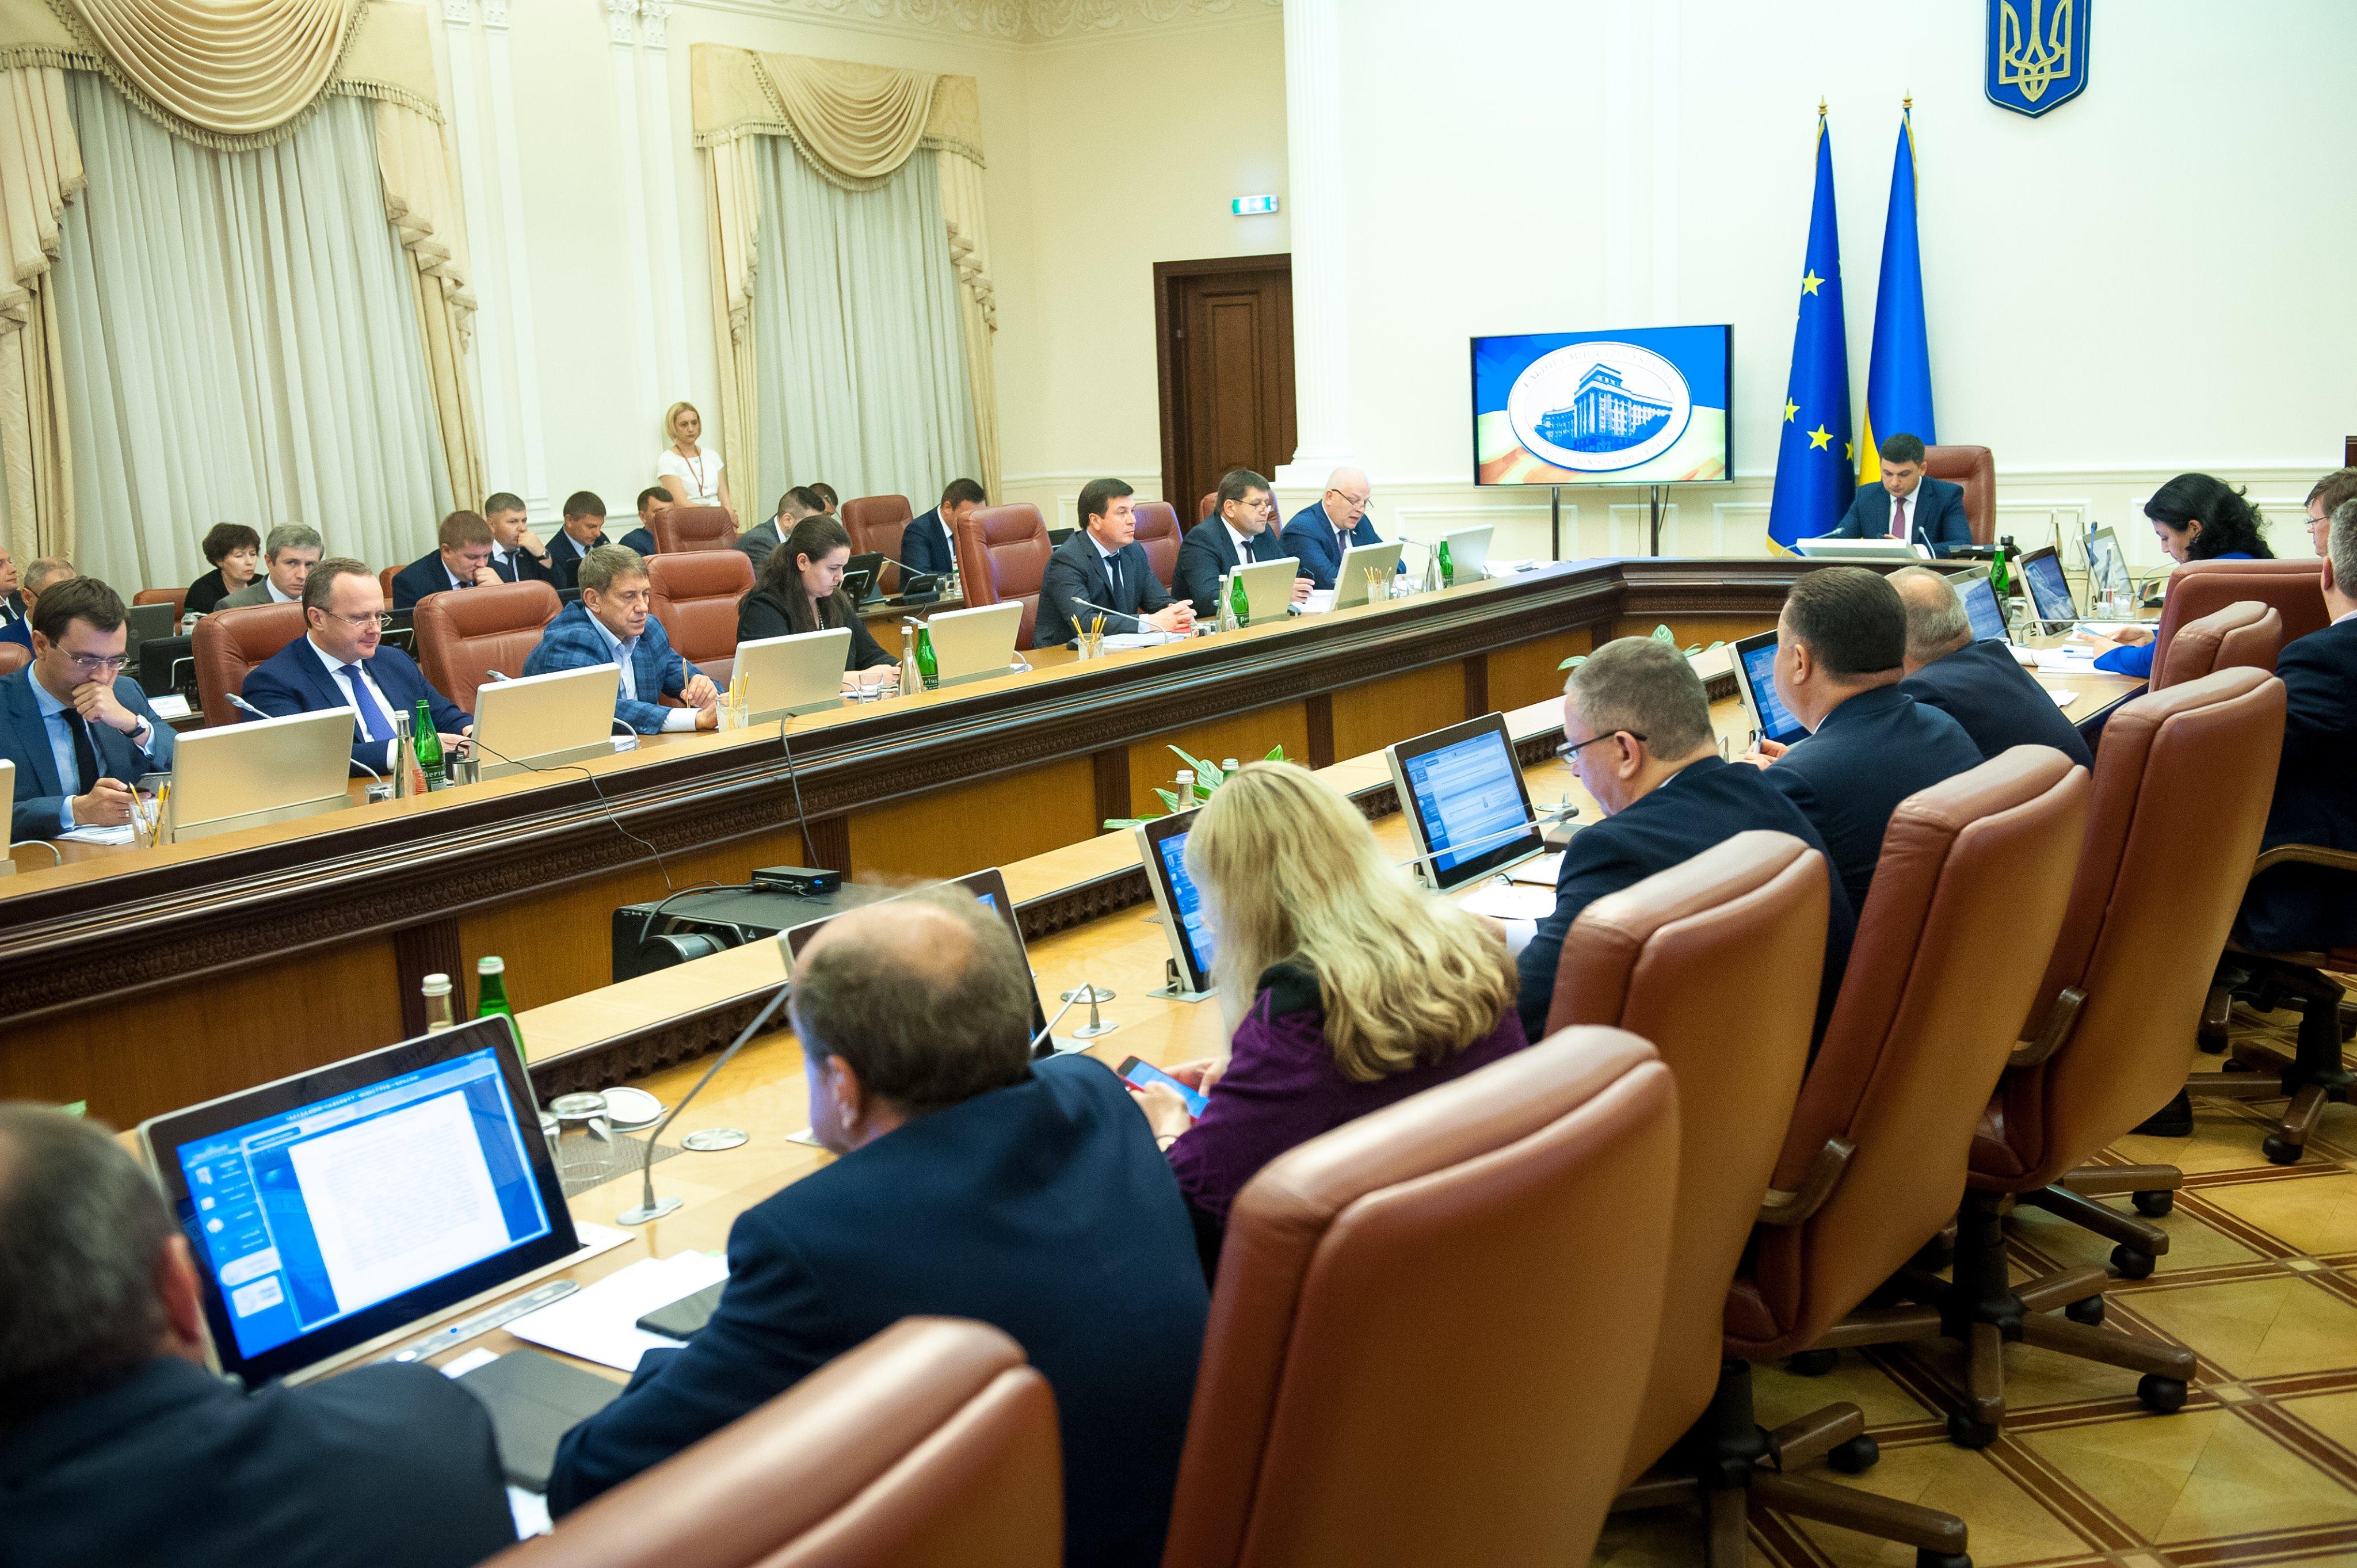 Кабмін підтримав Стратегію низьковуглецевого розвитку України до 2050 року